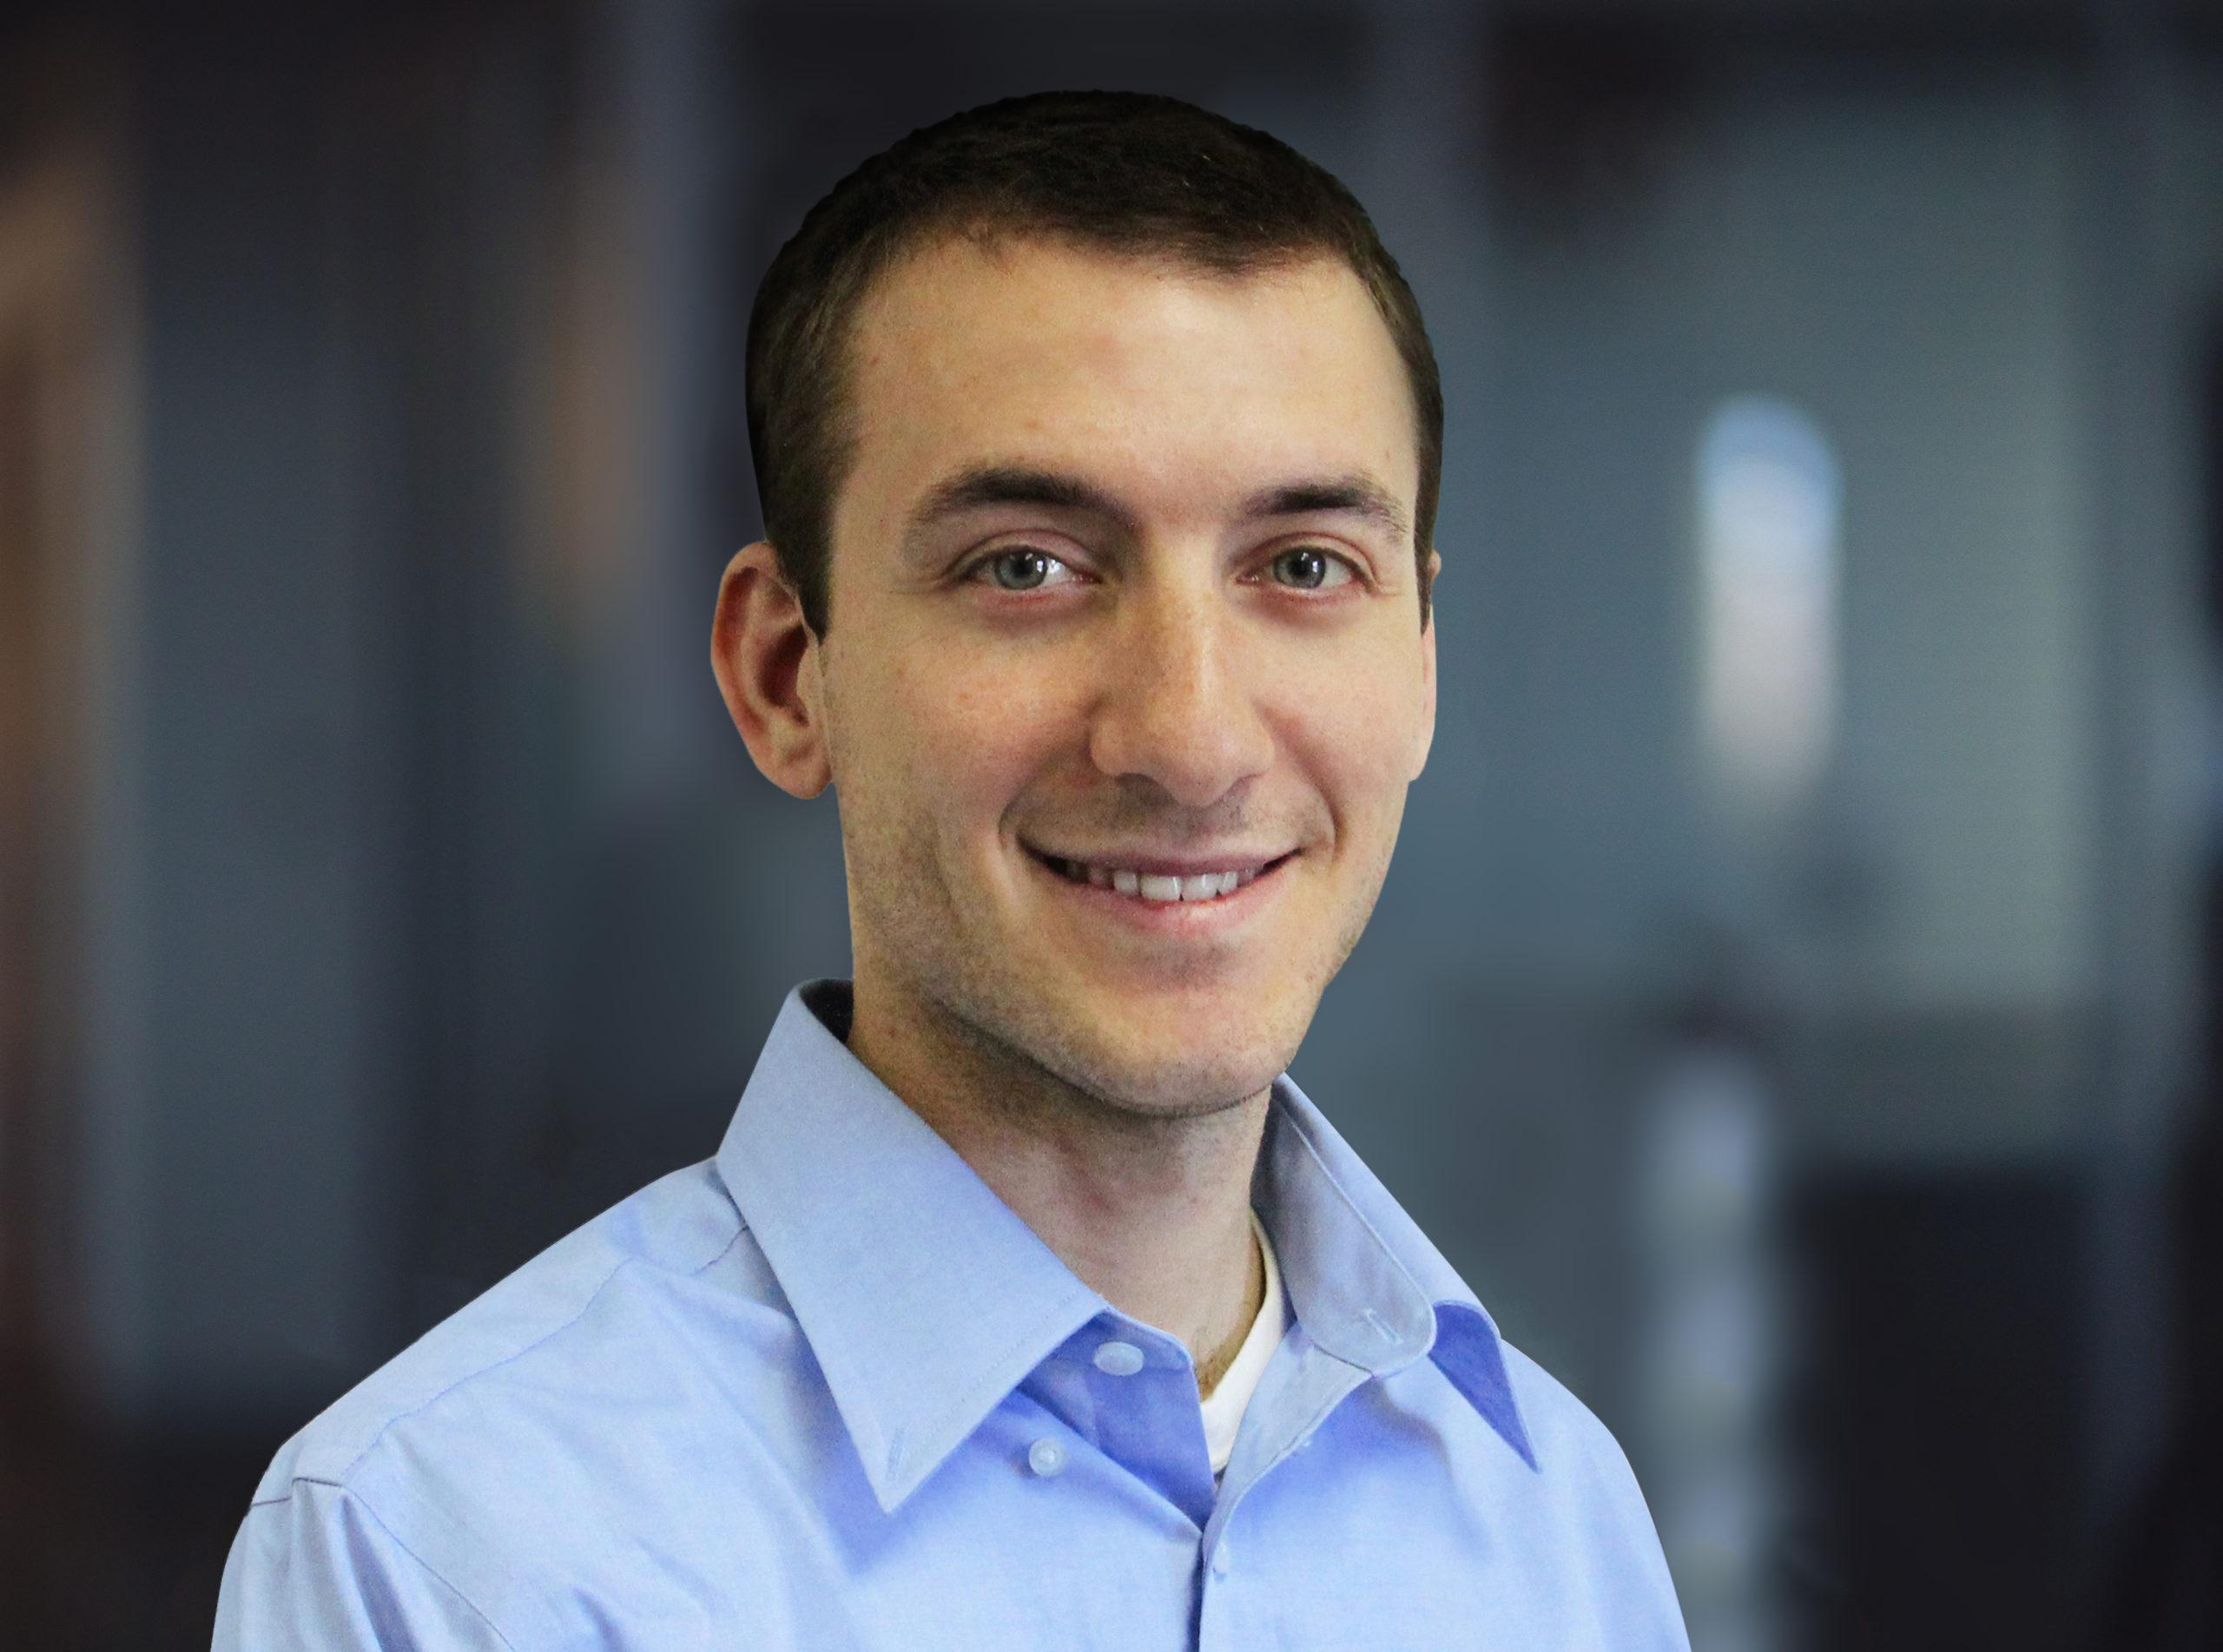 Reuben Schwartz - Senior Consumer Insights Strategist